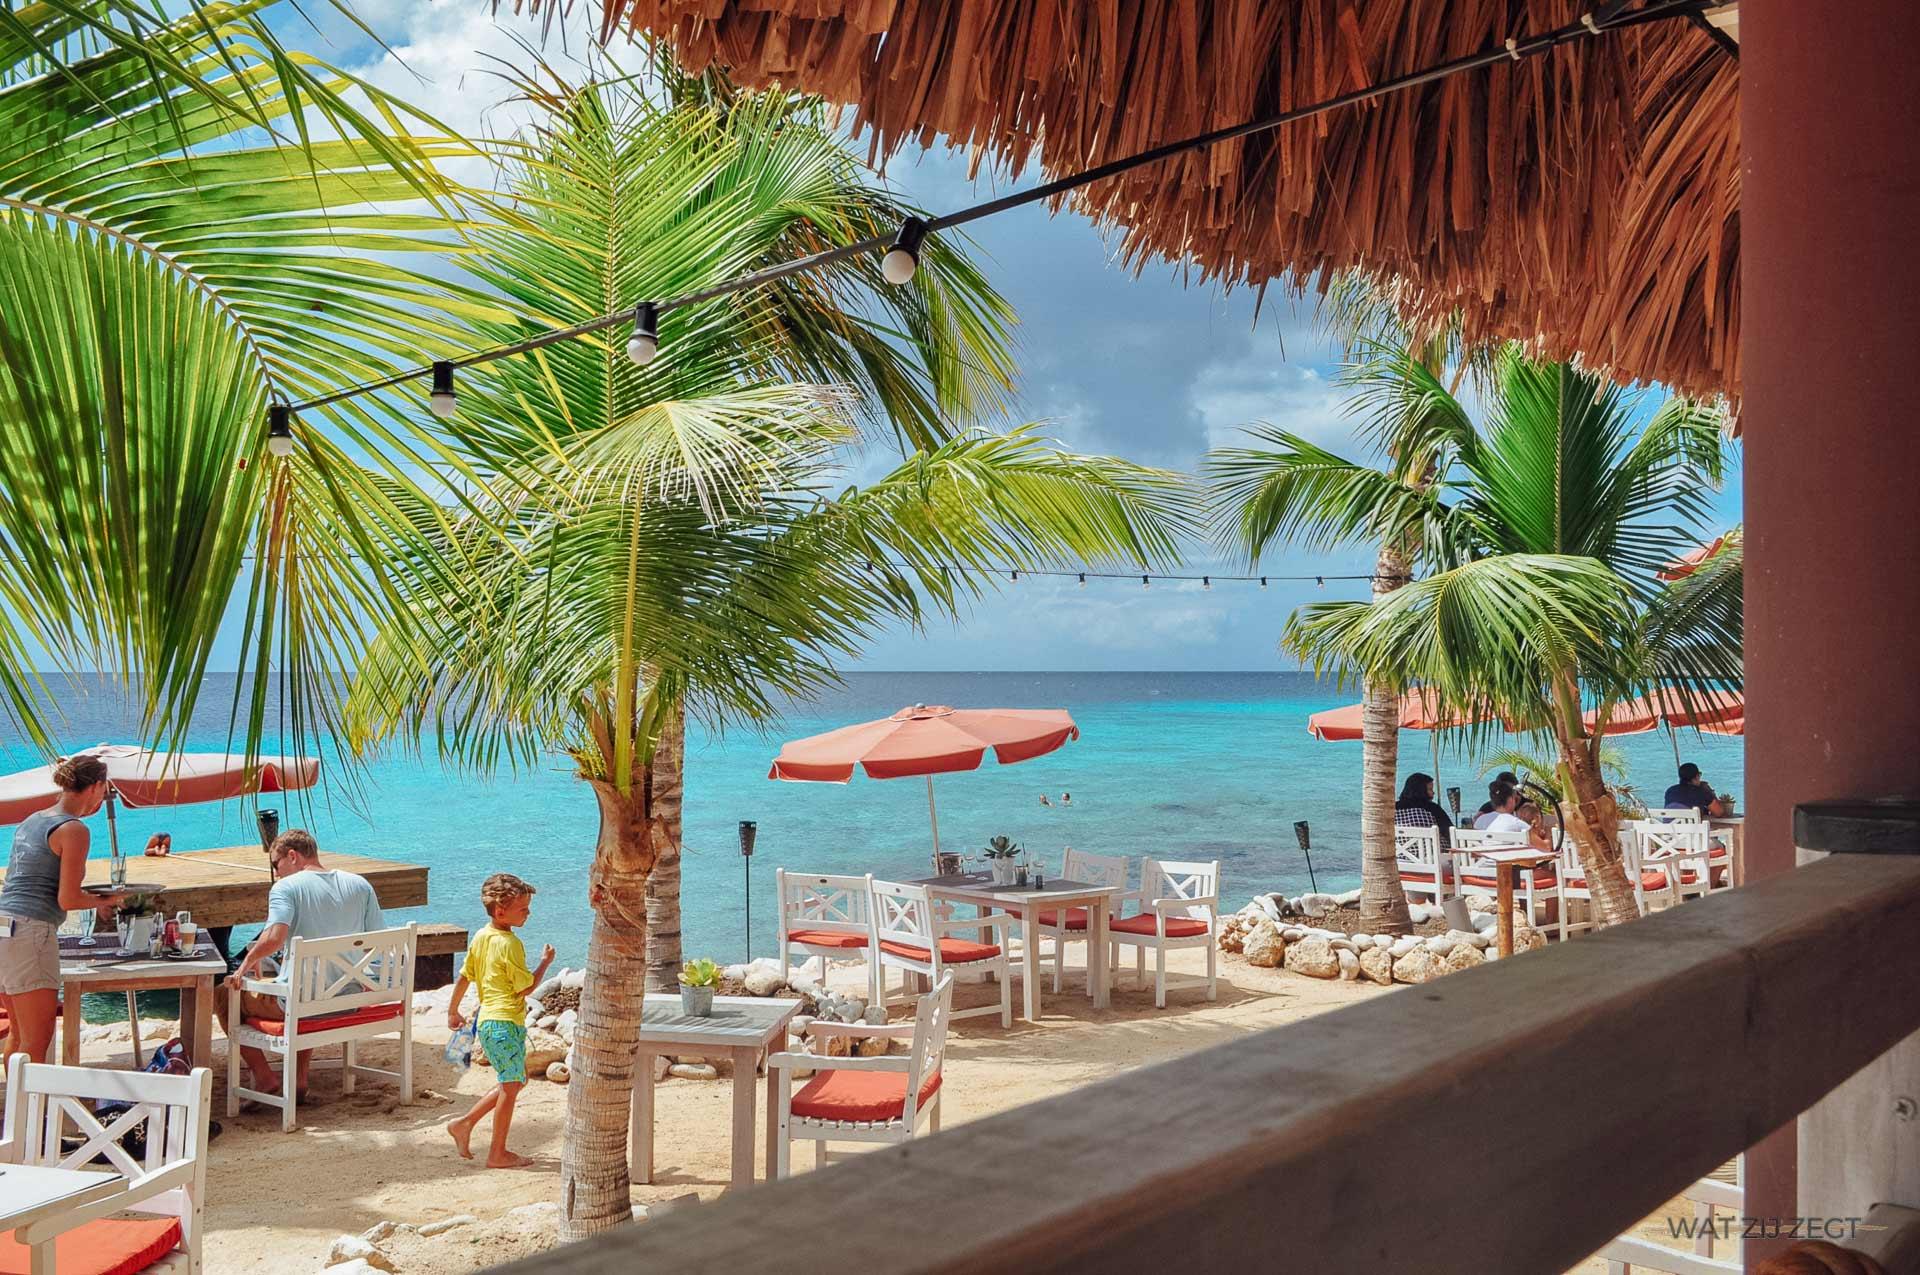 Karakter Curaçao - 3x vakantie favorieten